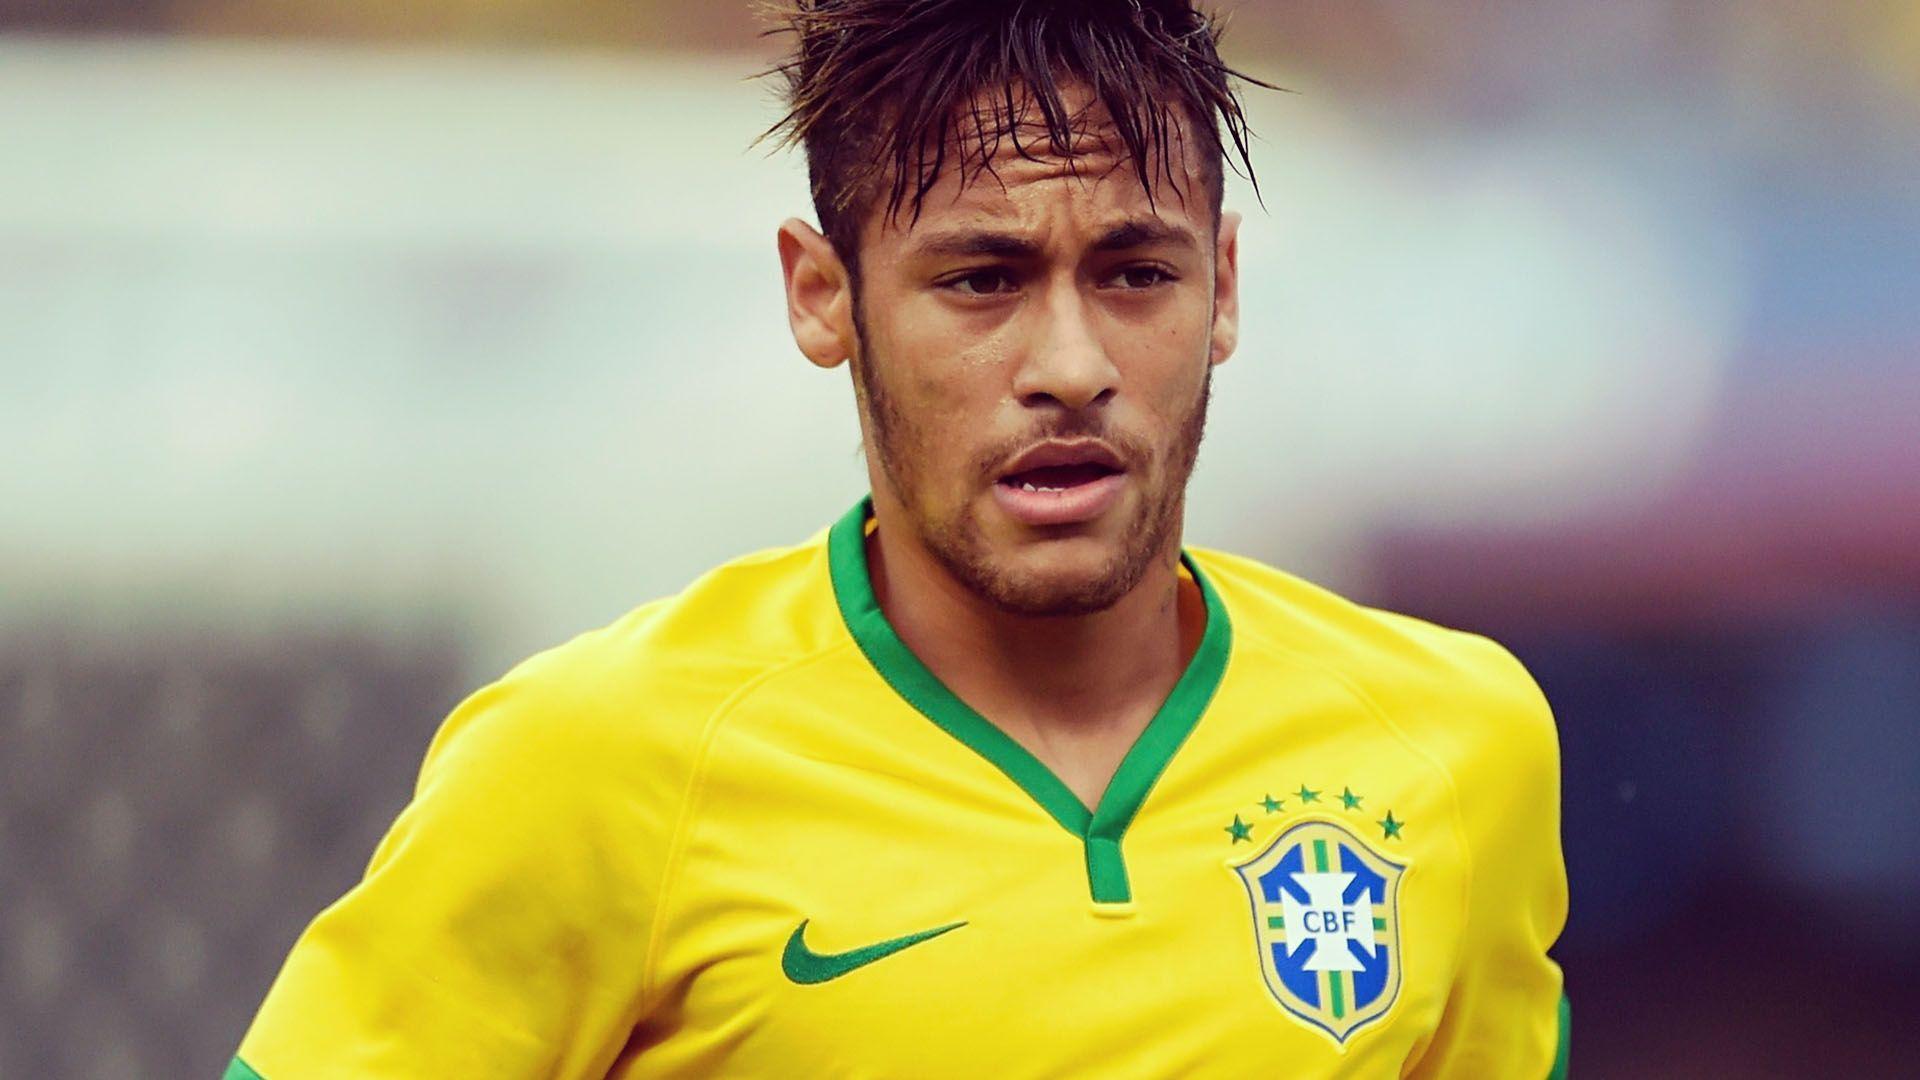 Hd wallpaper neymar - Neymar Da Silva Wallpapers 2015 Wallpaper Cave